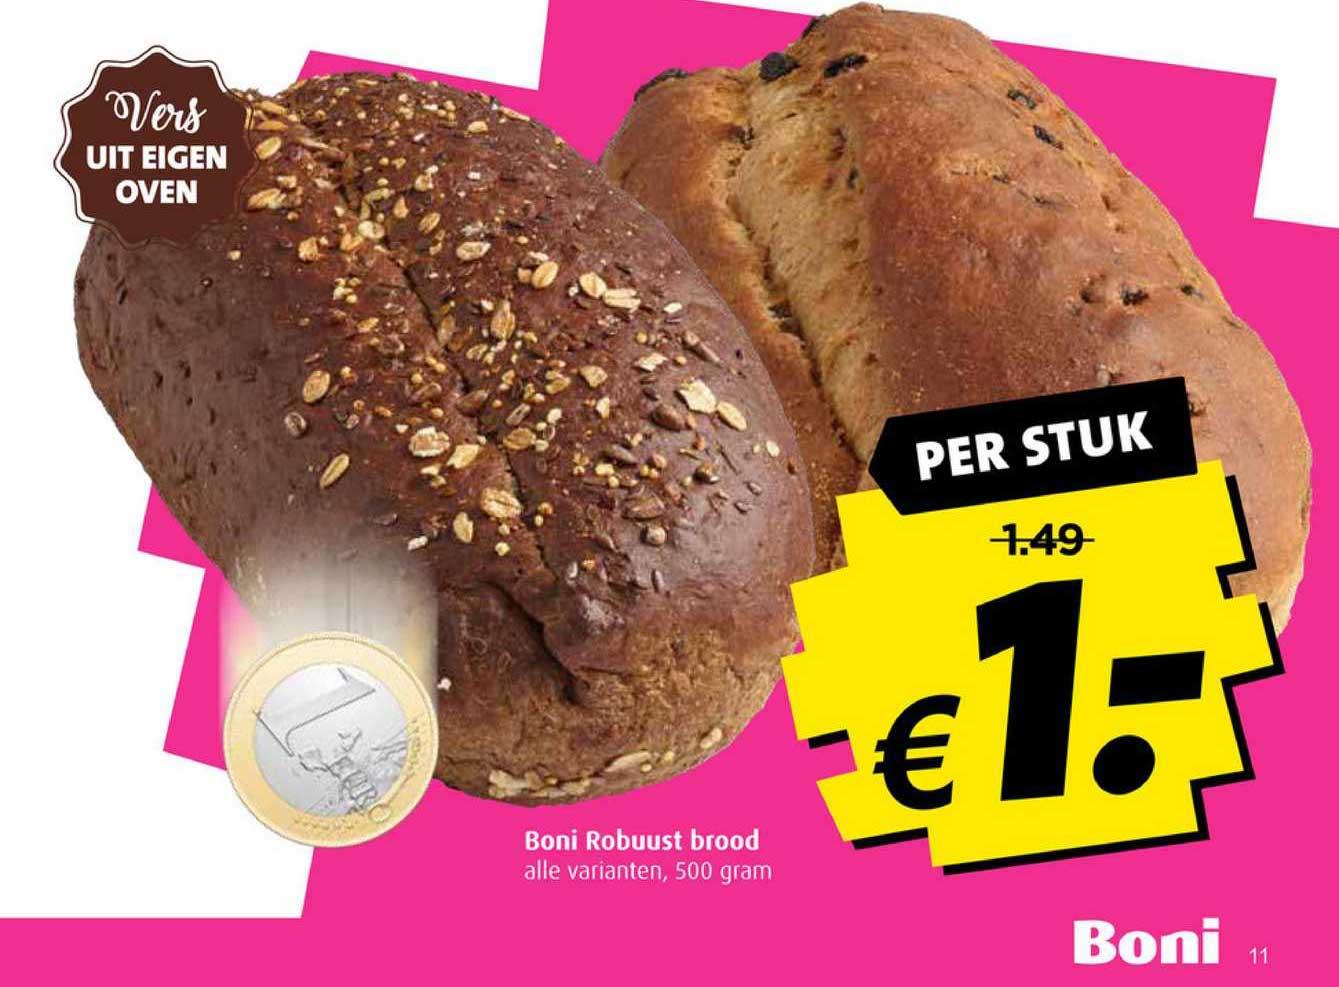 Boni Boni Robuust Brood